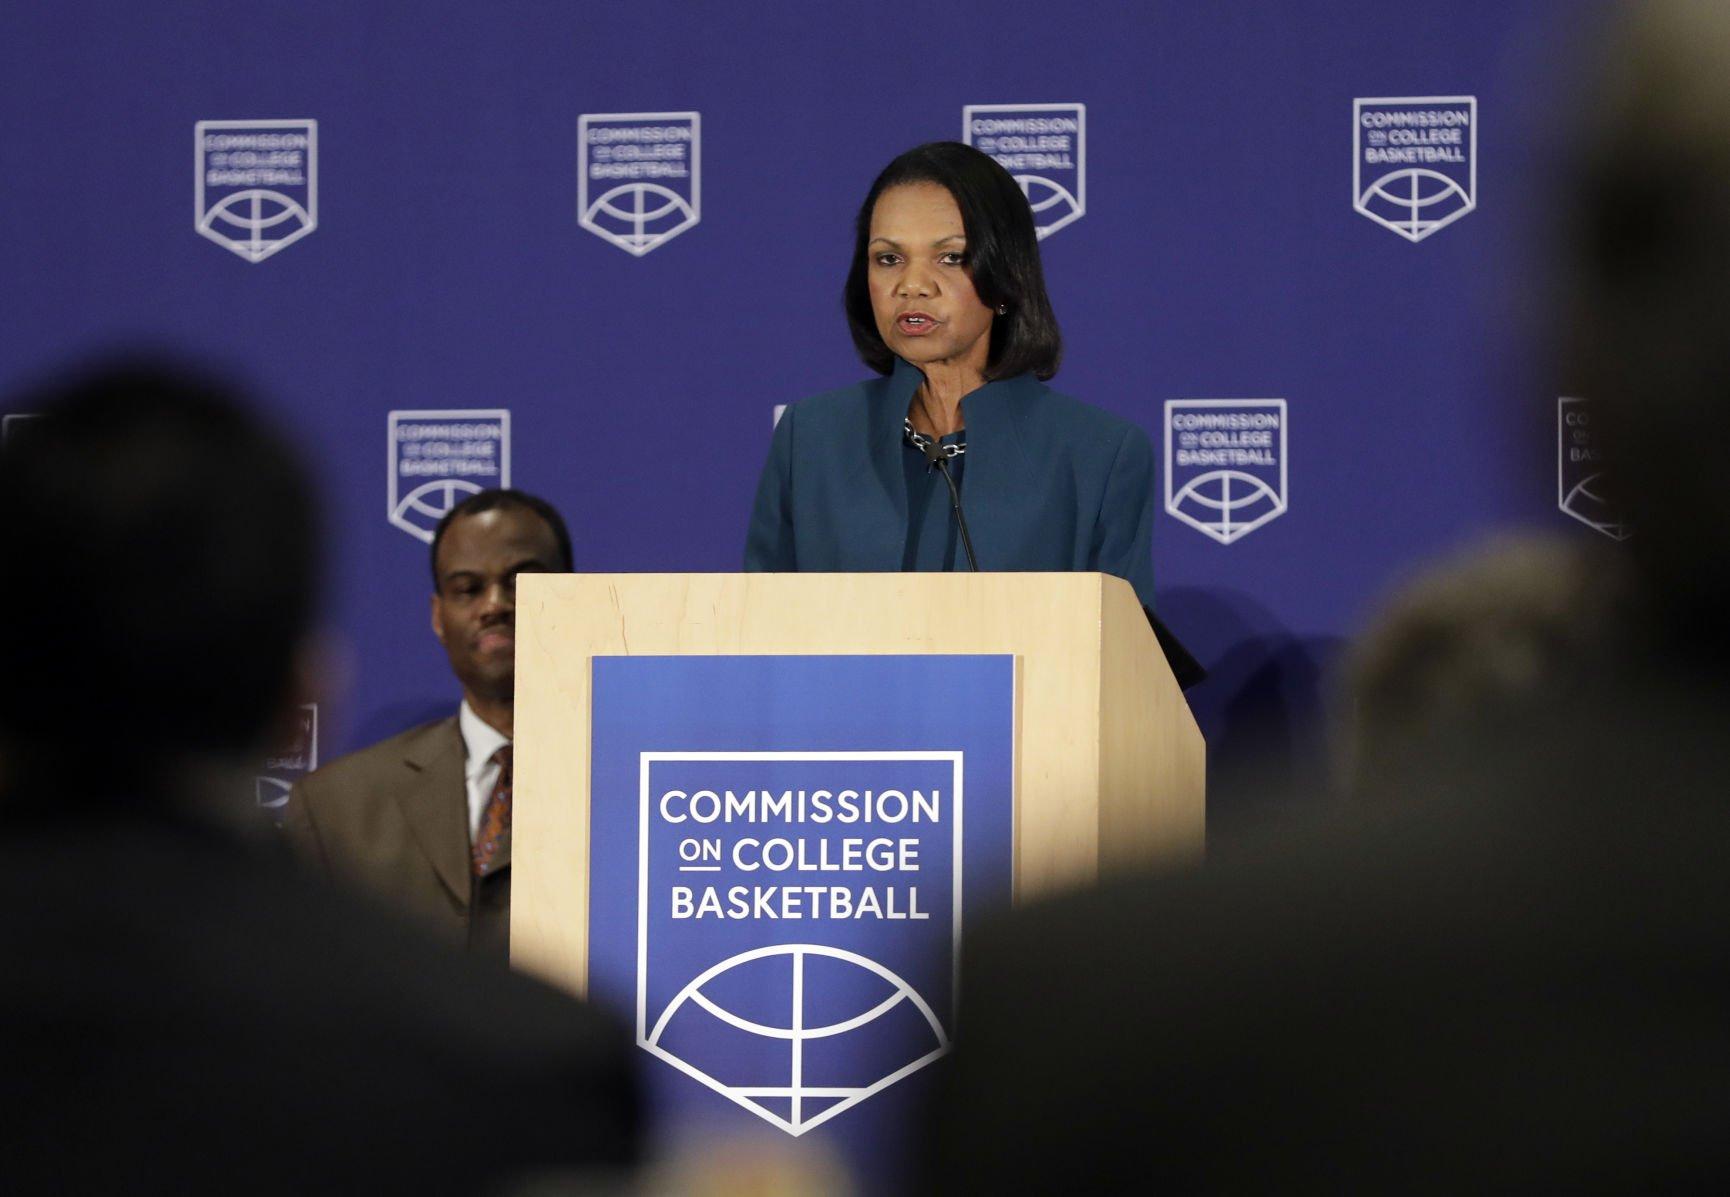 College Corruption Basketball Condoleezza Rice Commission proposes